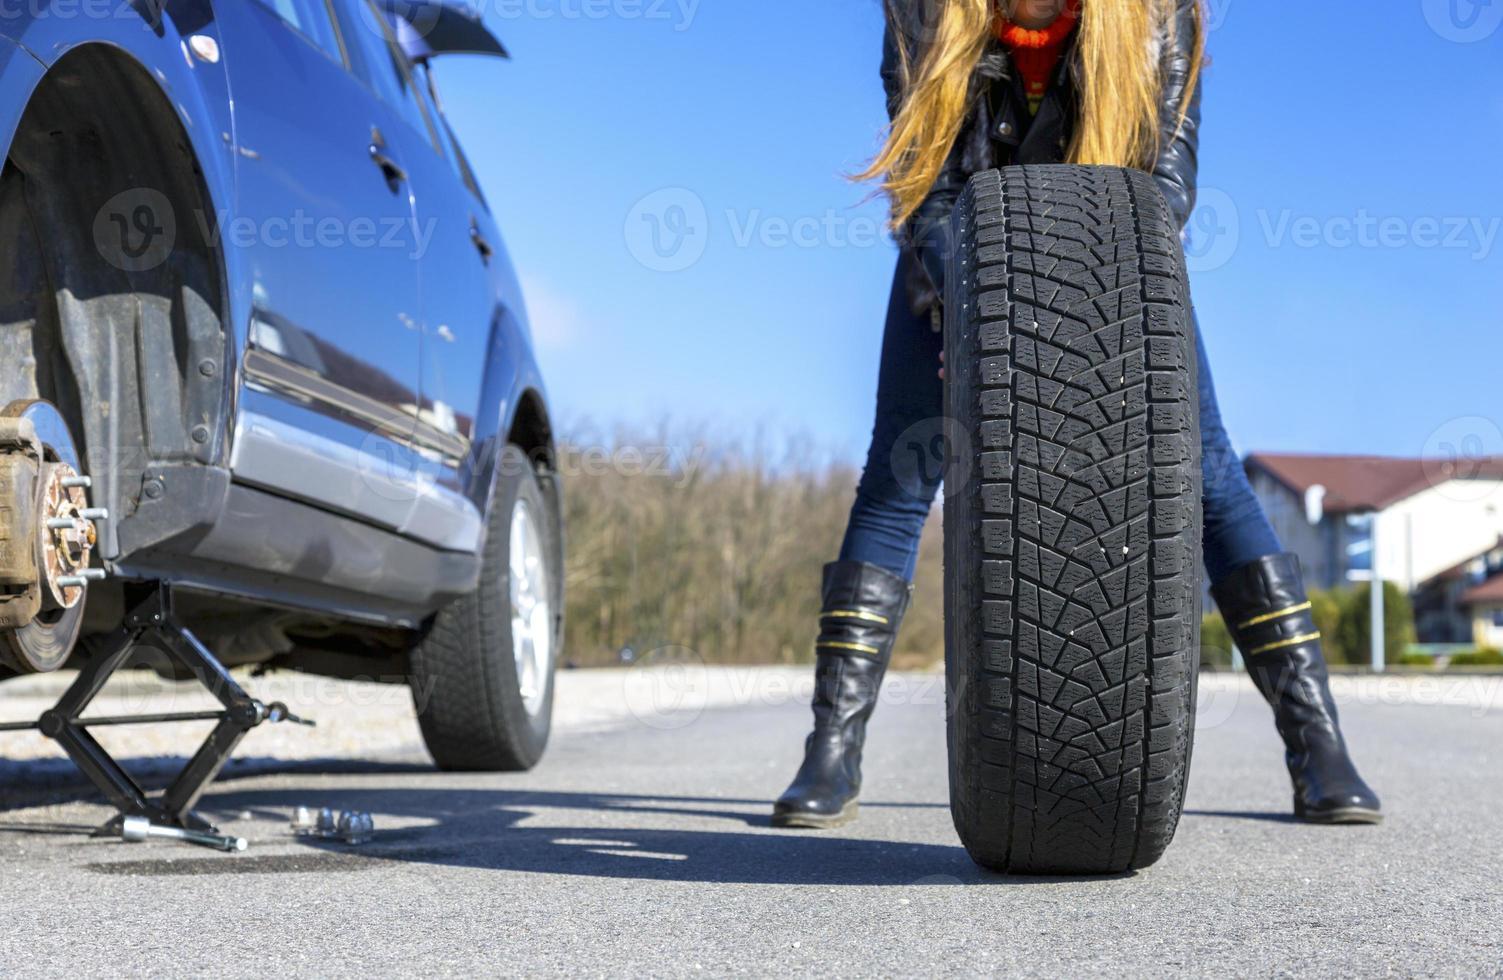 accidente inesperado en la carretera foto